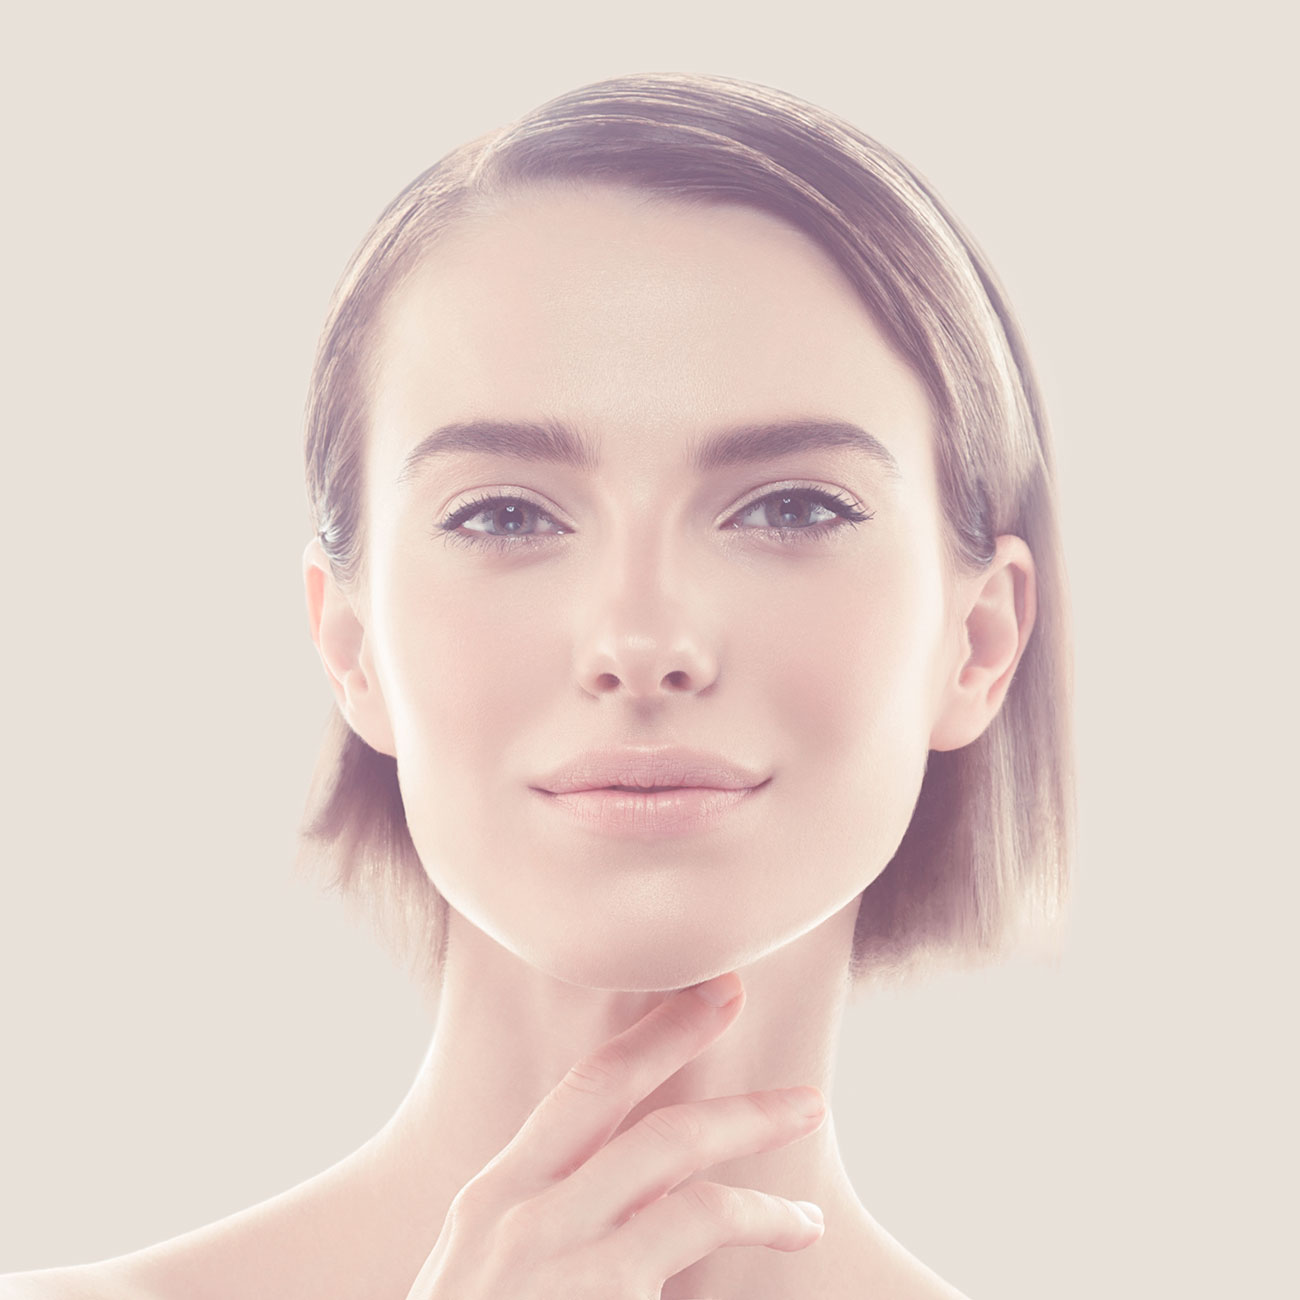 Cirugía Estética facial en Madrid